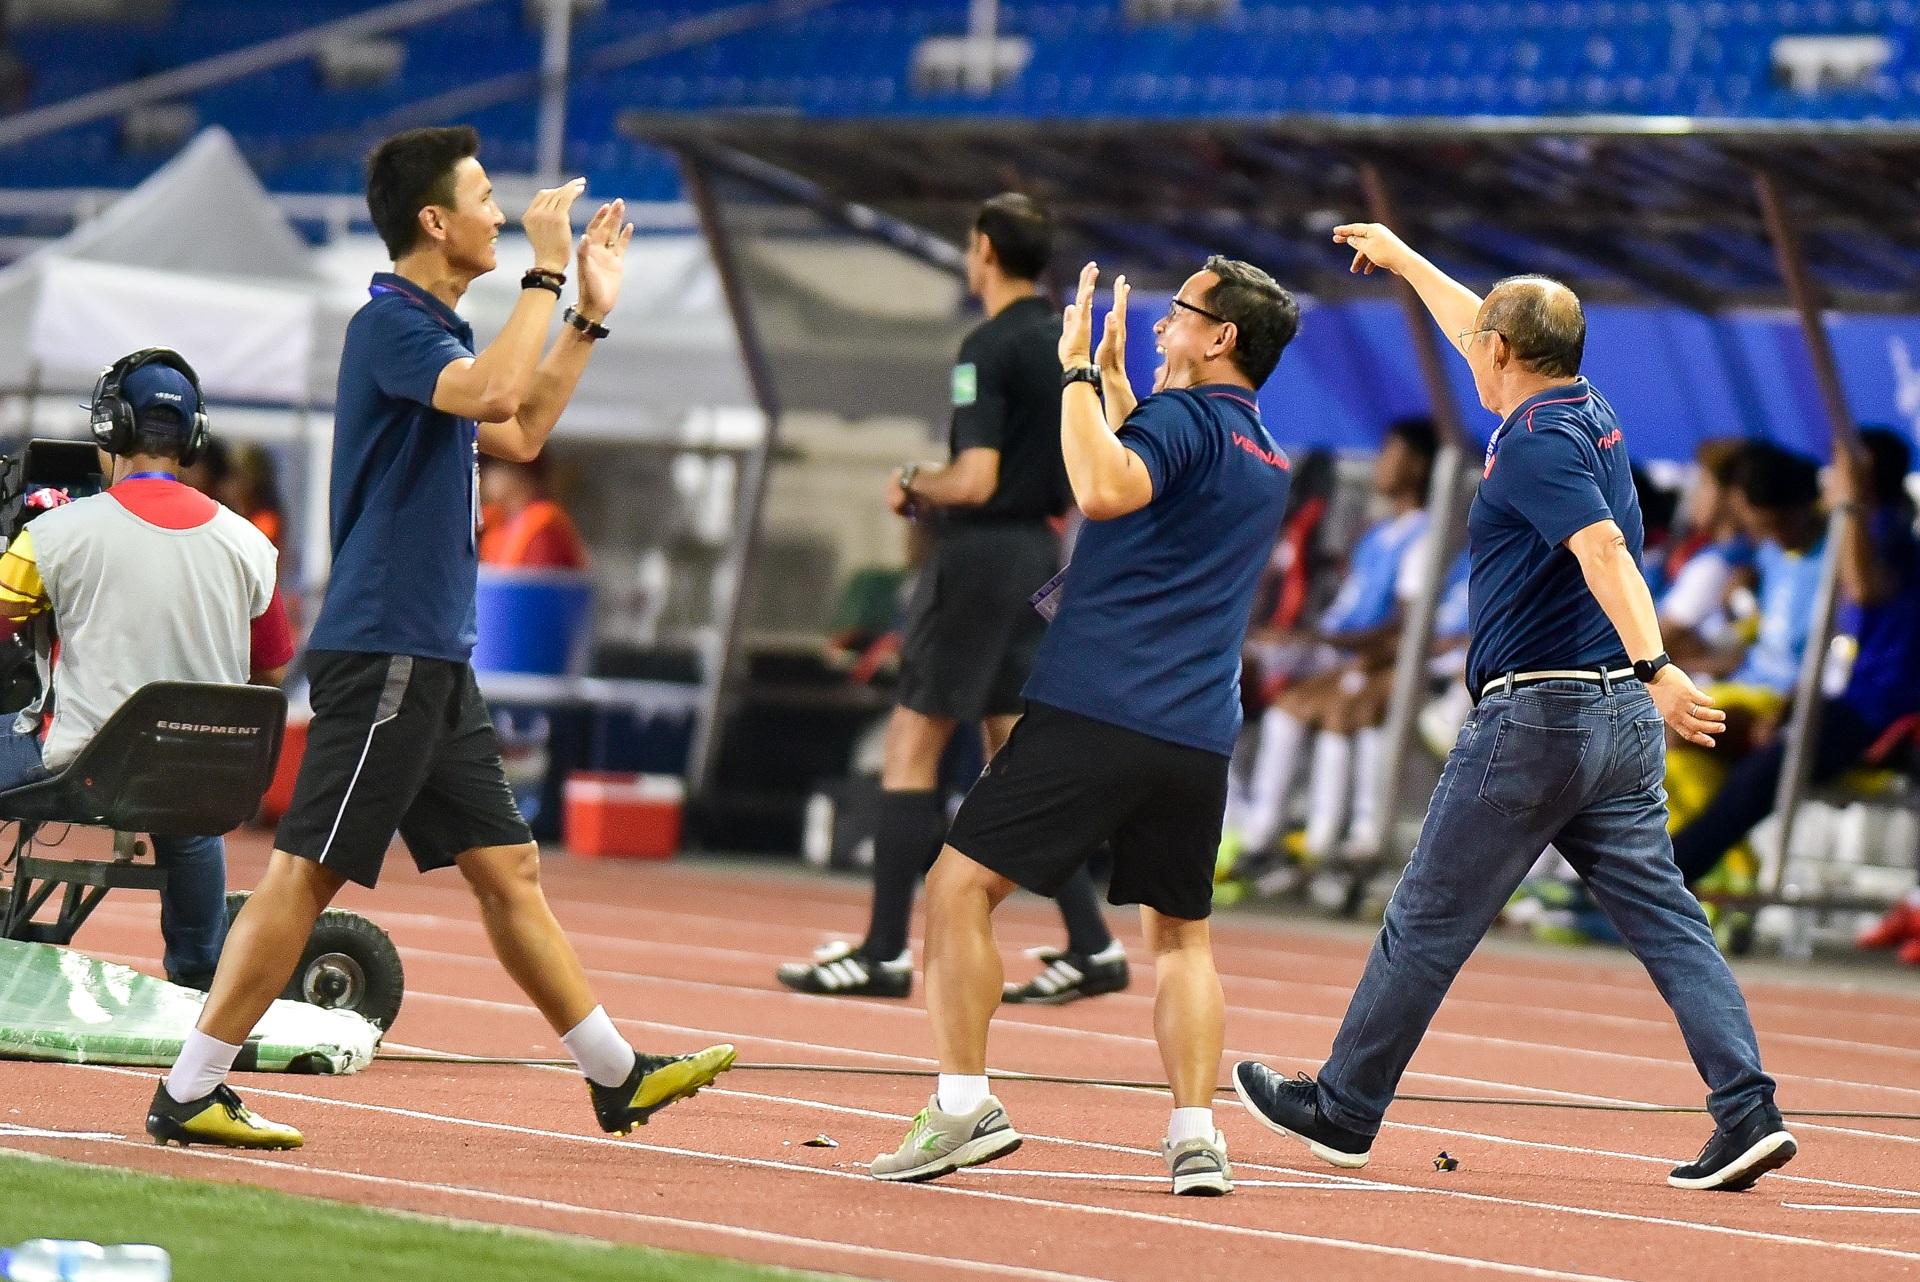 Những cảm xúc đặc biệt của HLV Park Hang Seo trong trận thắng U22 Campuchia - 11